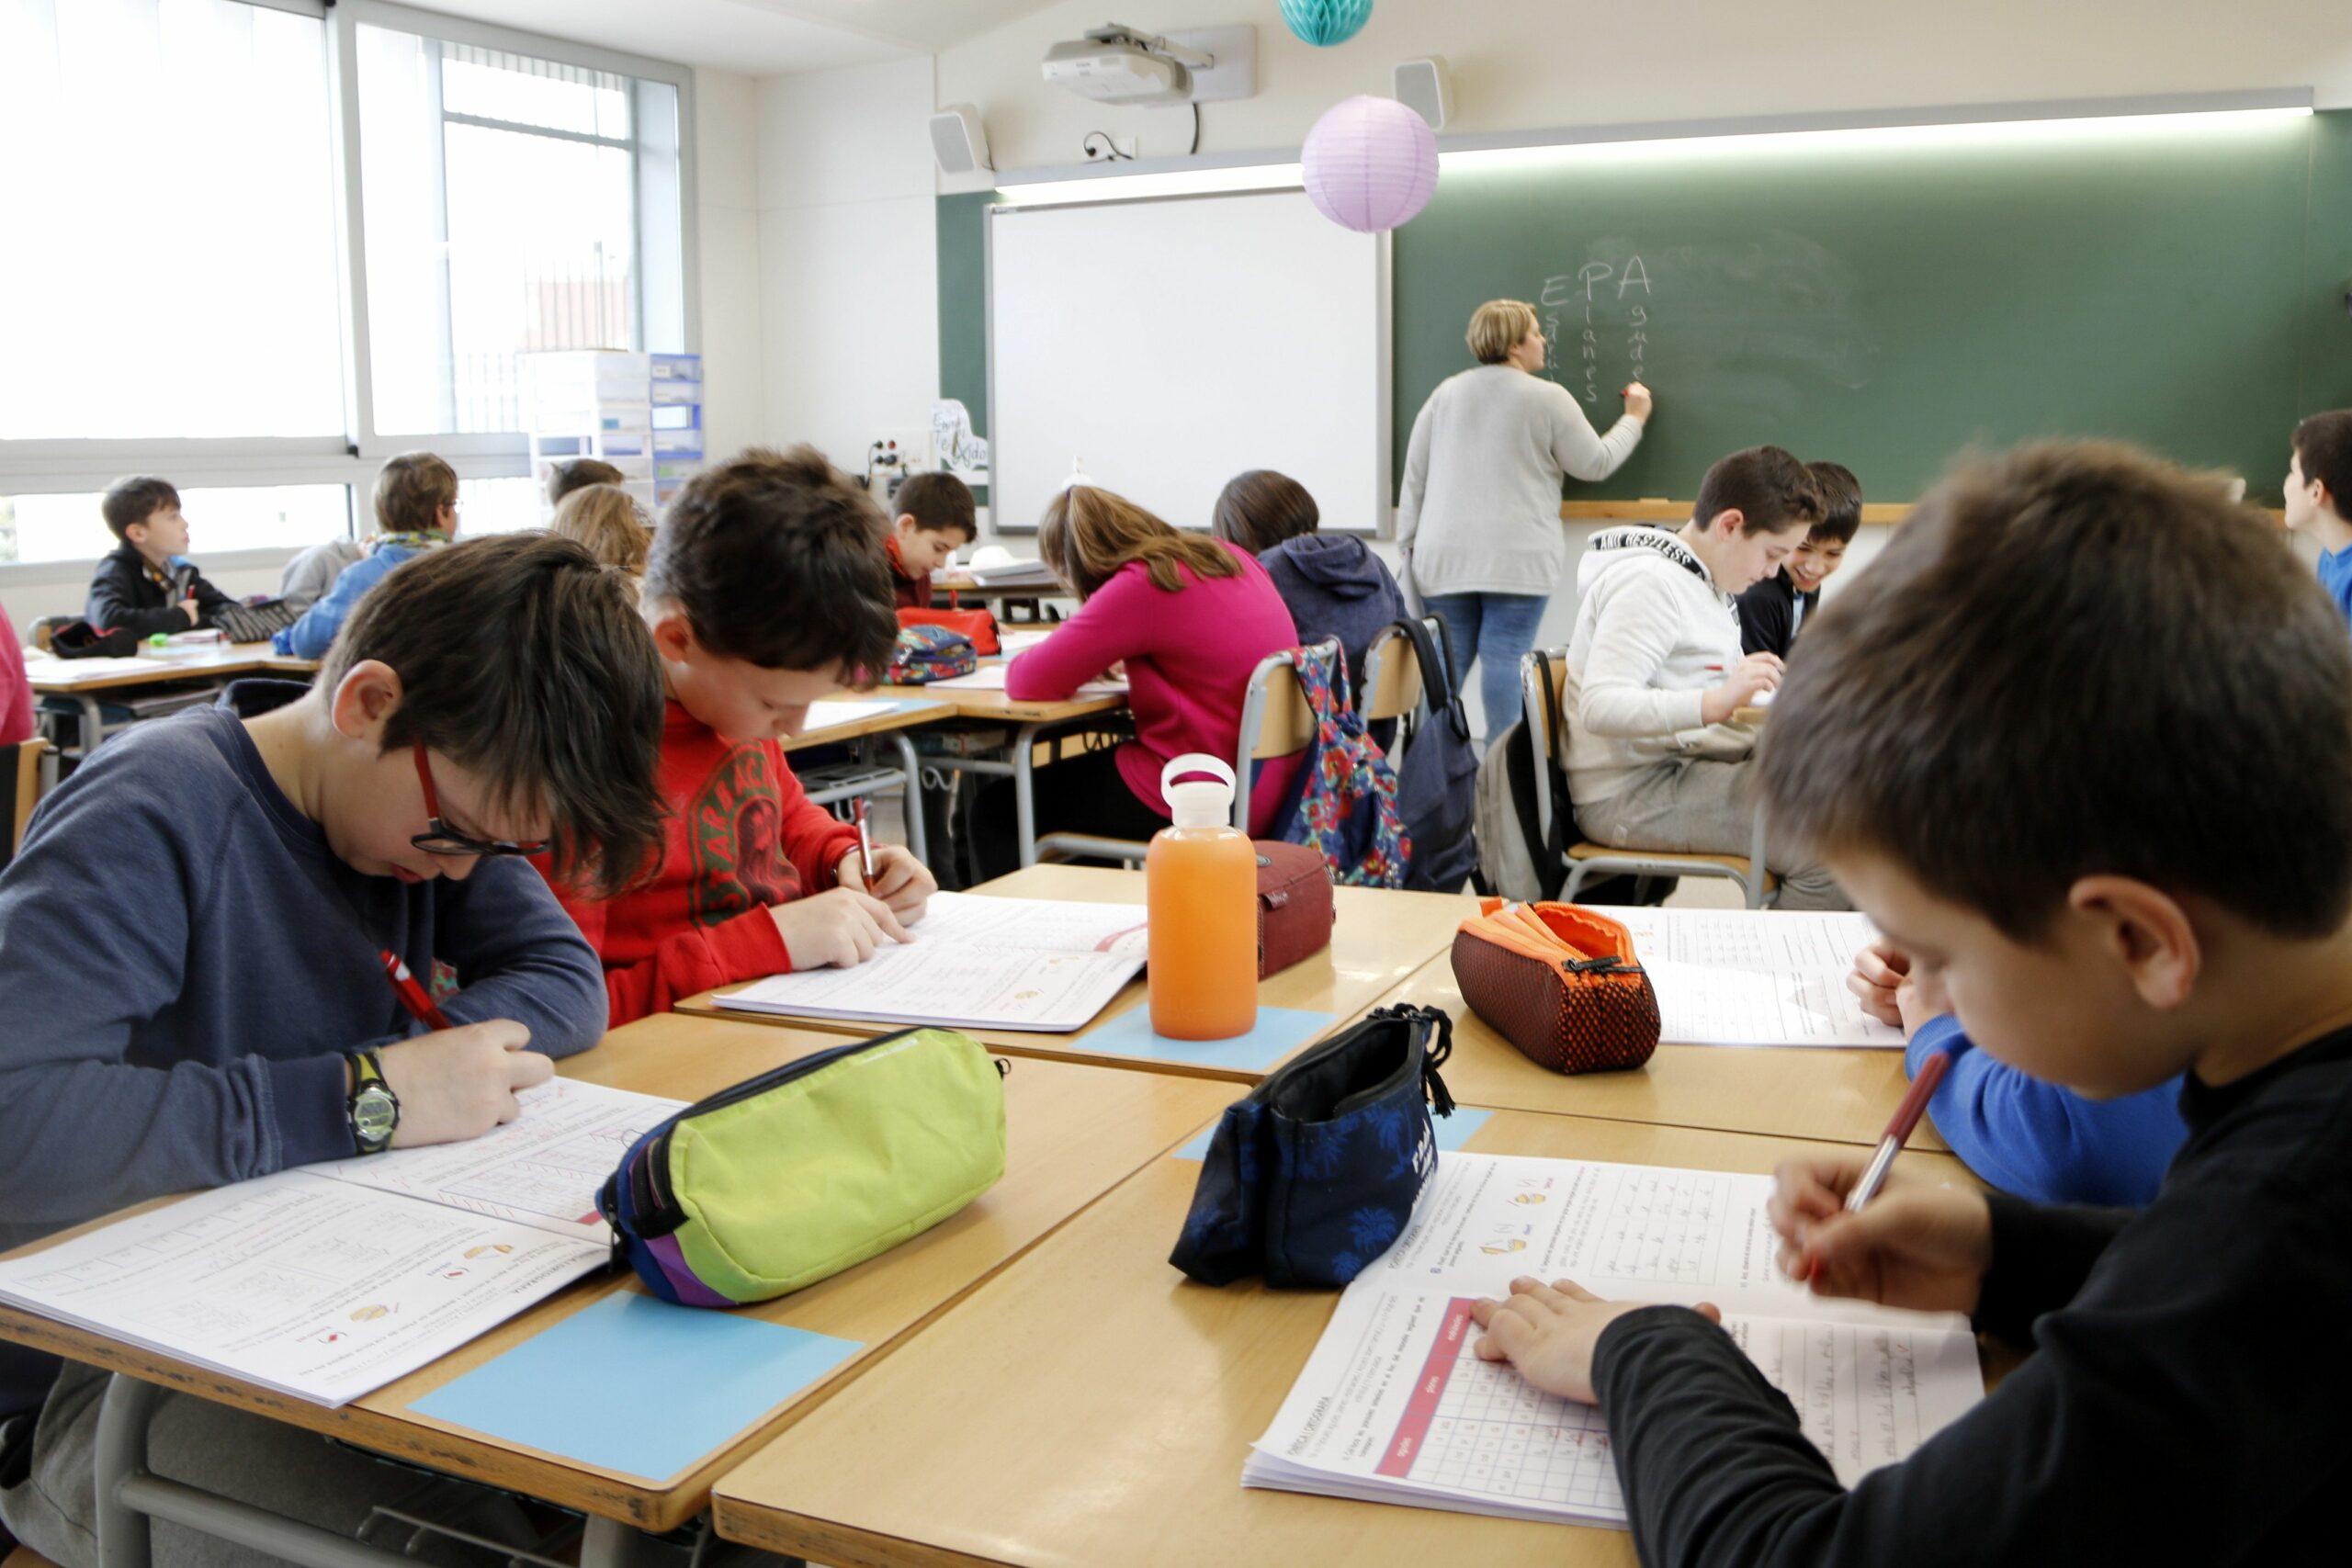 Classe de 6è de Primària de l'escola Emili Teixidor de Roda de Ter